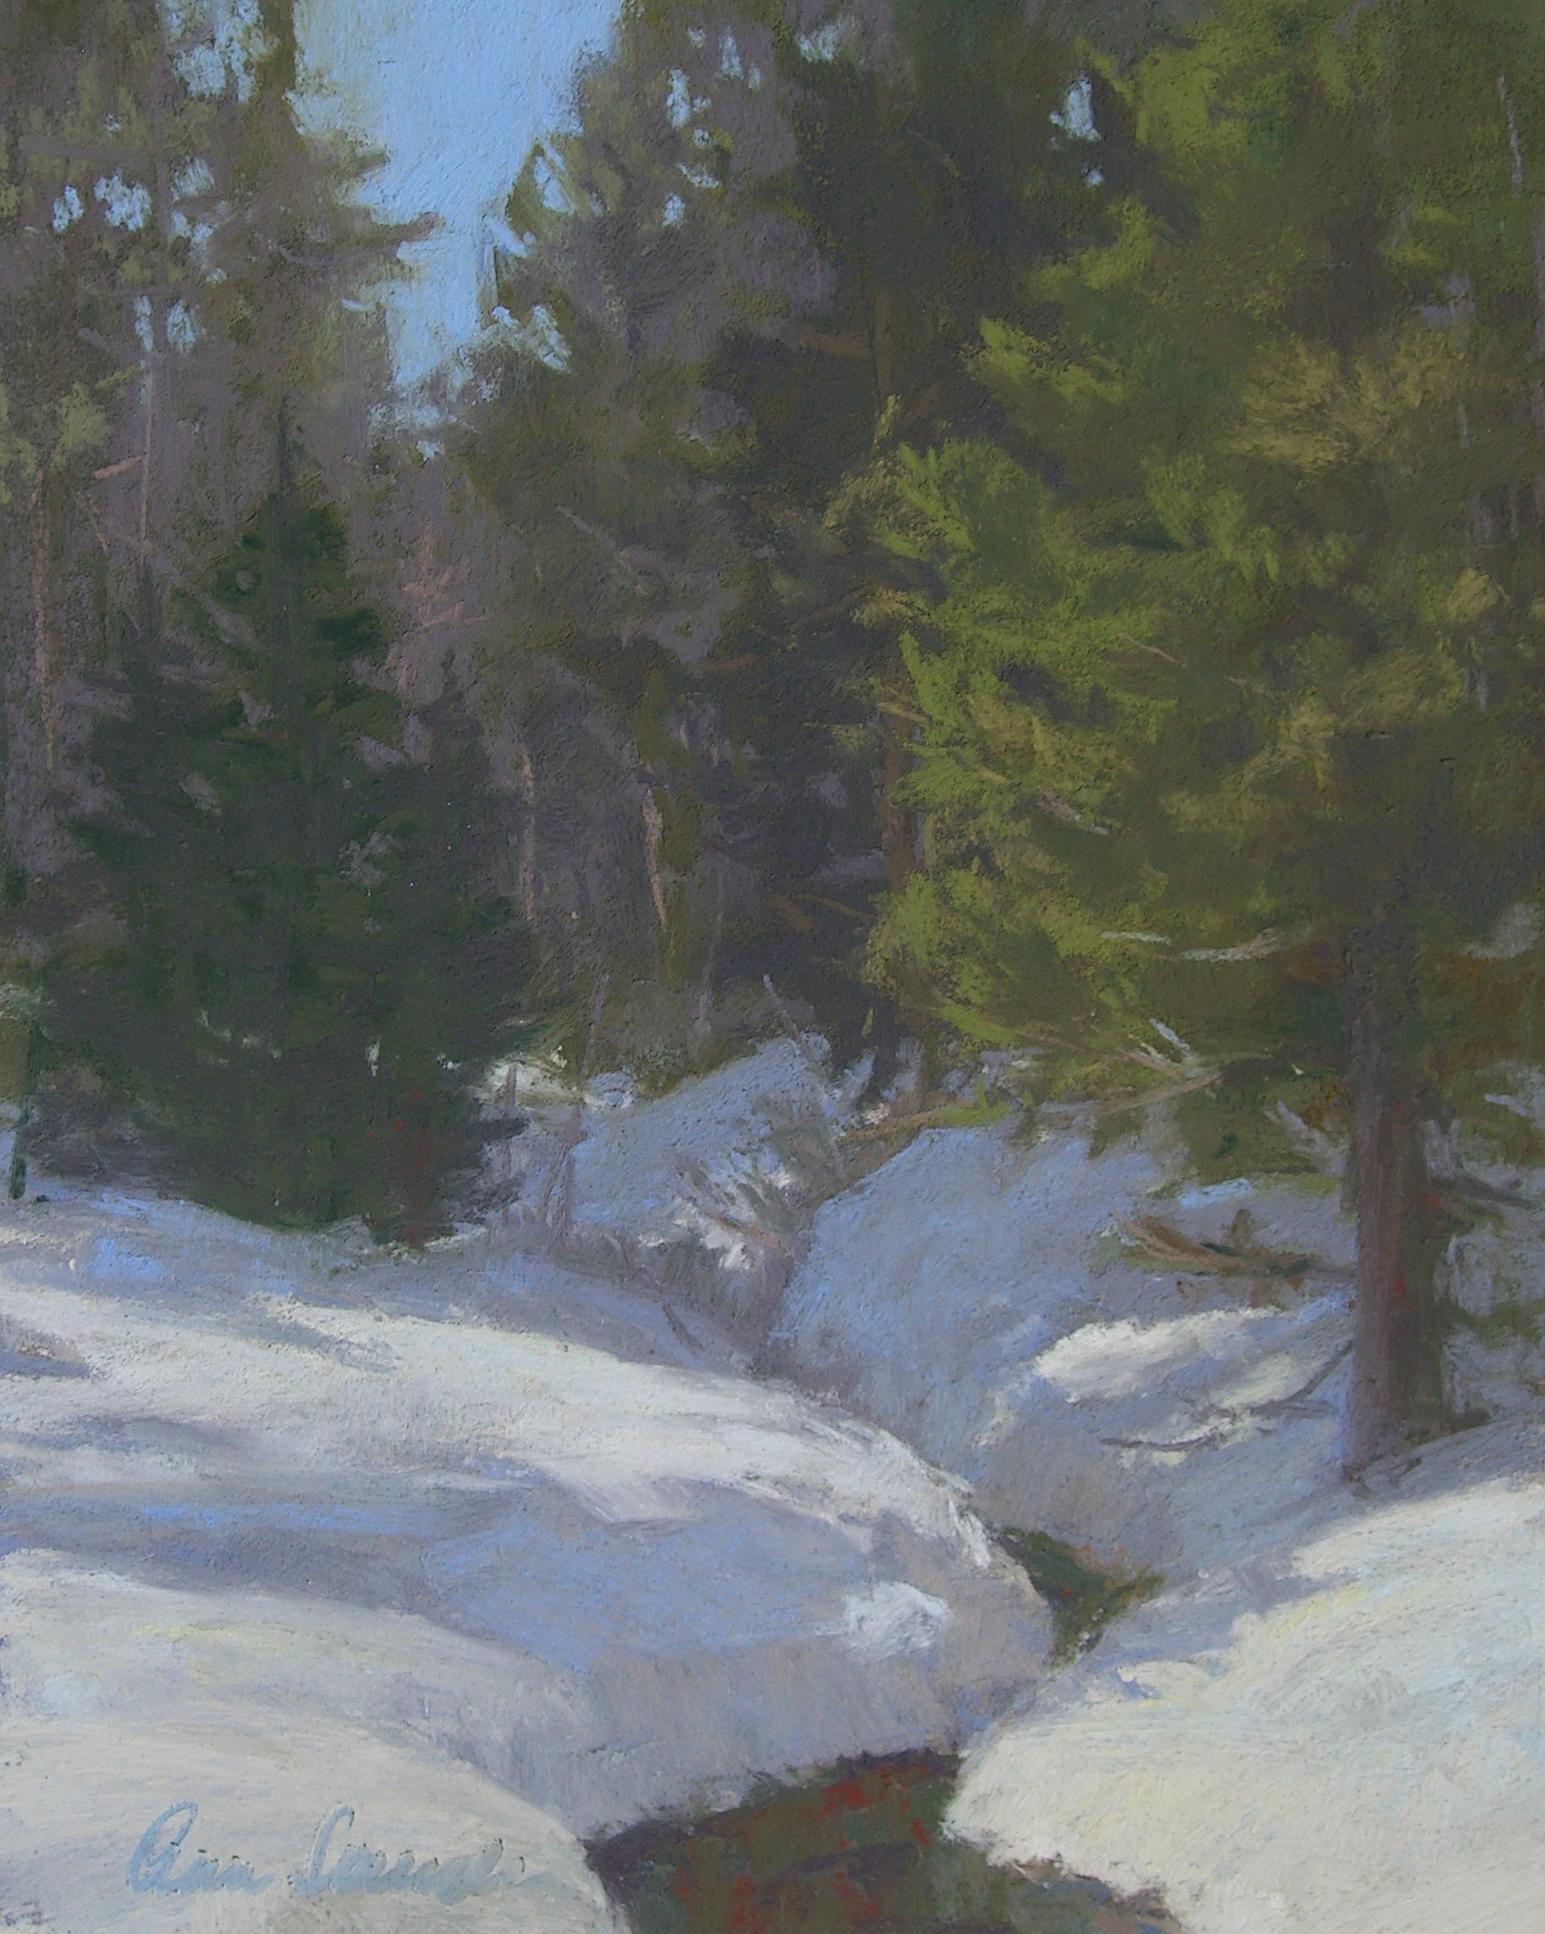 Snow Creek, pastel, 10x8